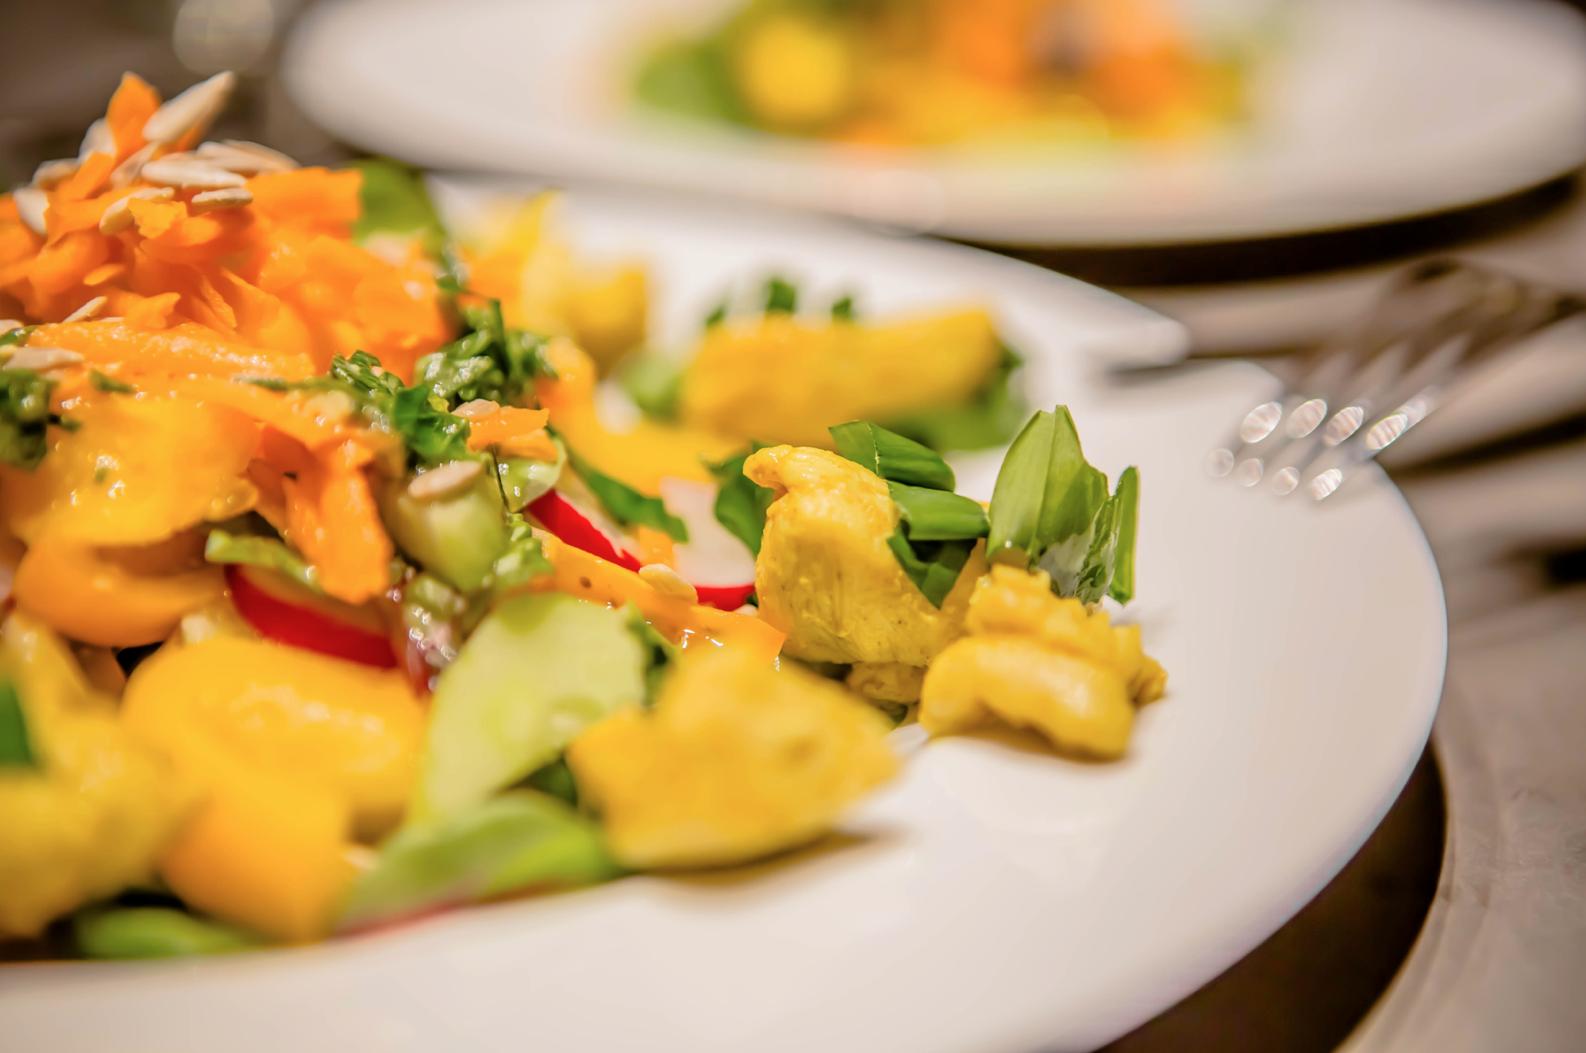 Mangoldsalat mit Hähnchenfilet und schöner Farbgebung in Gelb und Grün